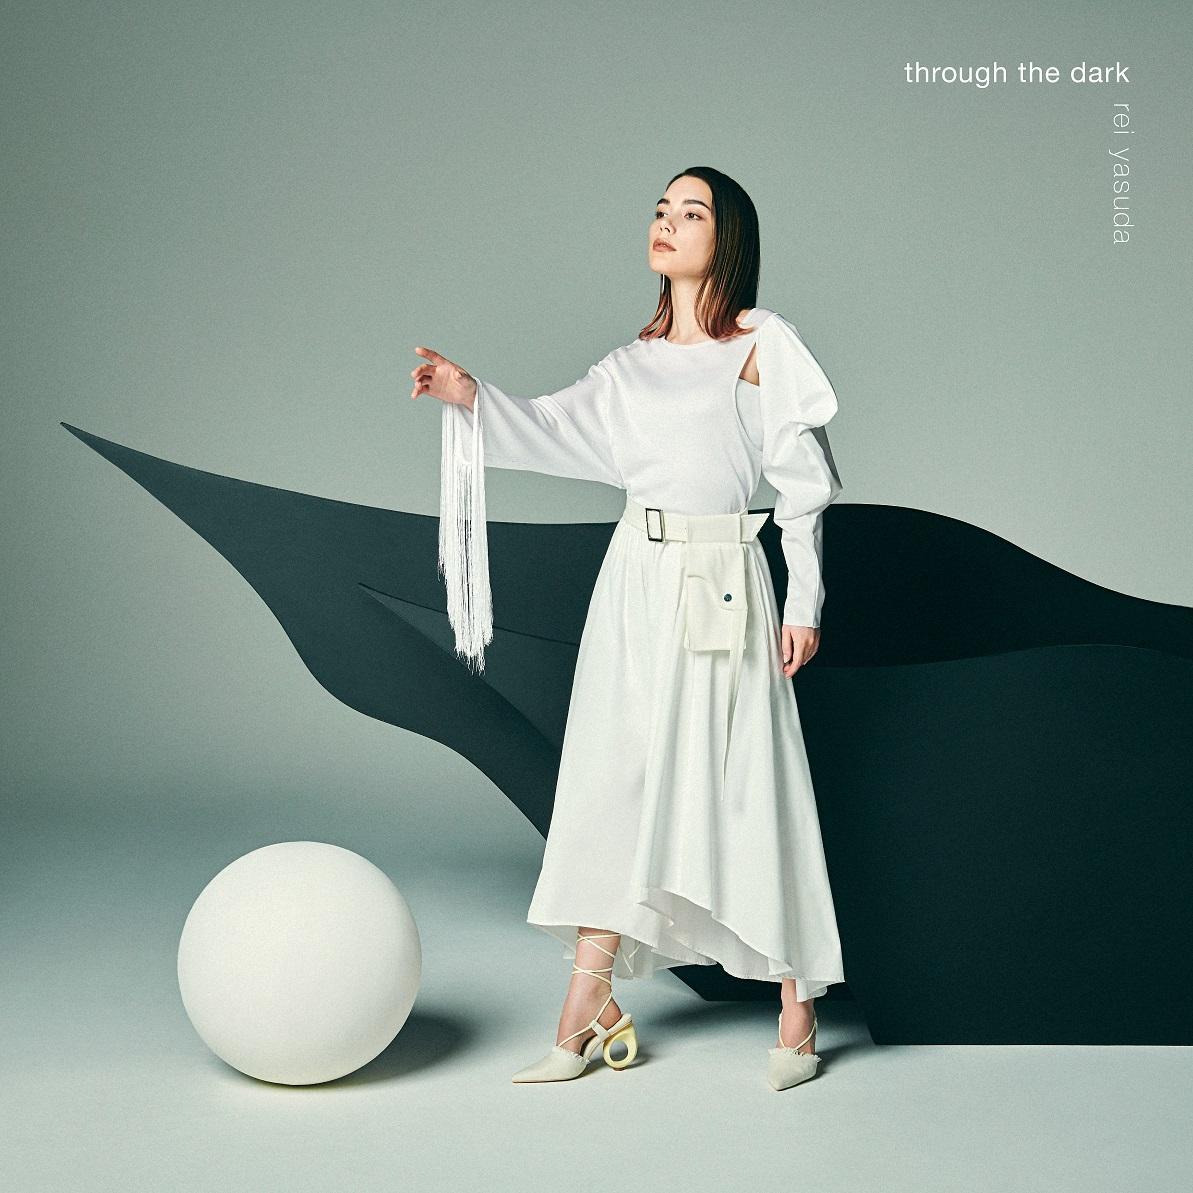 安田レイ、5月27日発売NEWシングル「through the dark」新アートワーク解禁